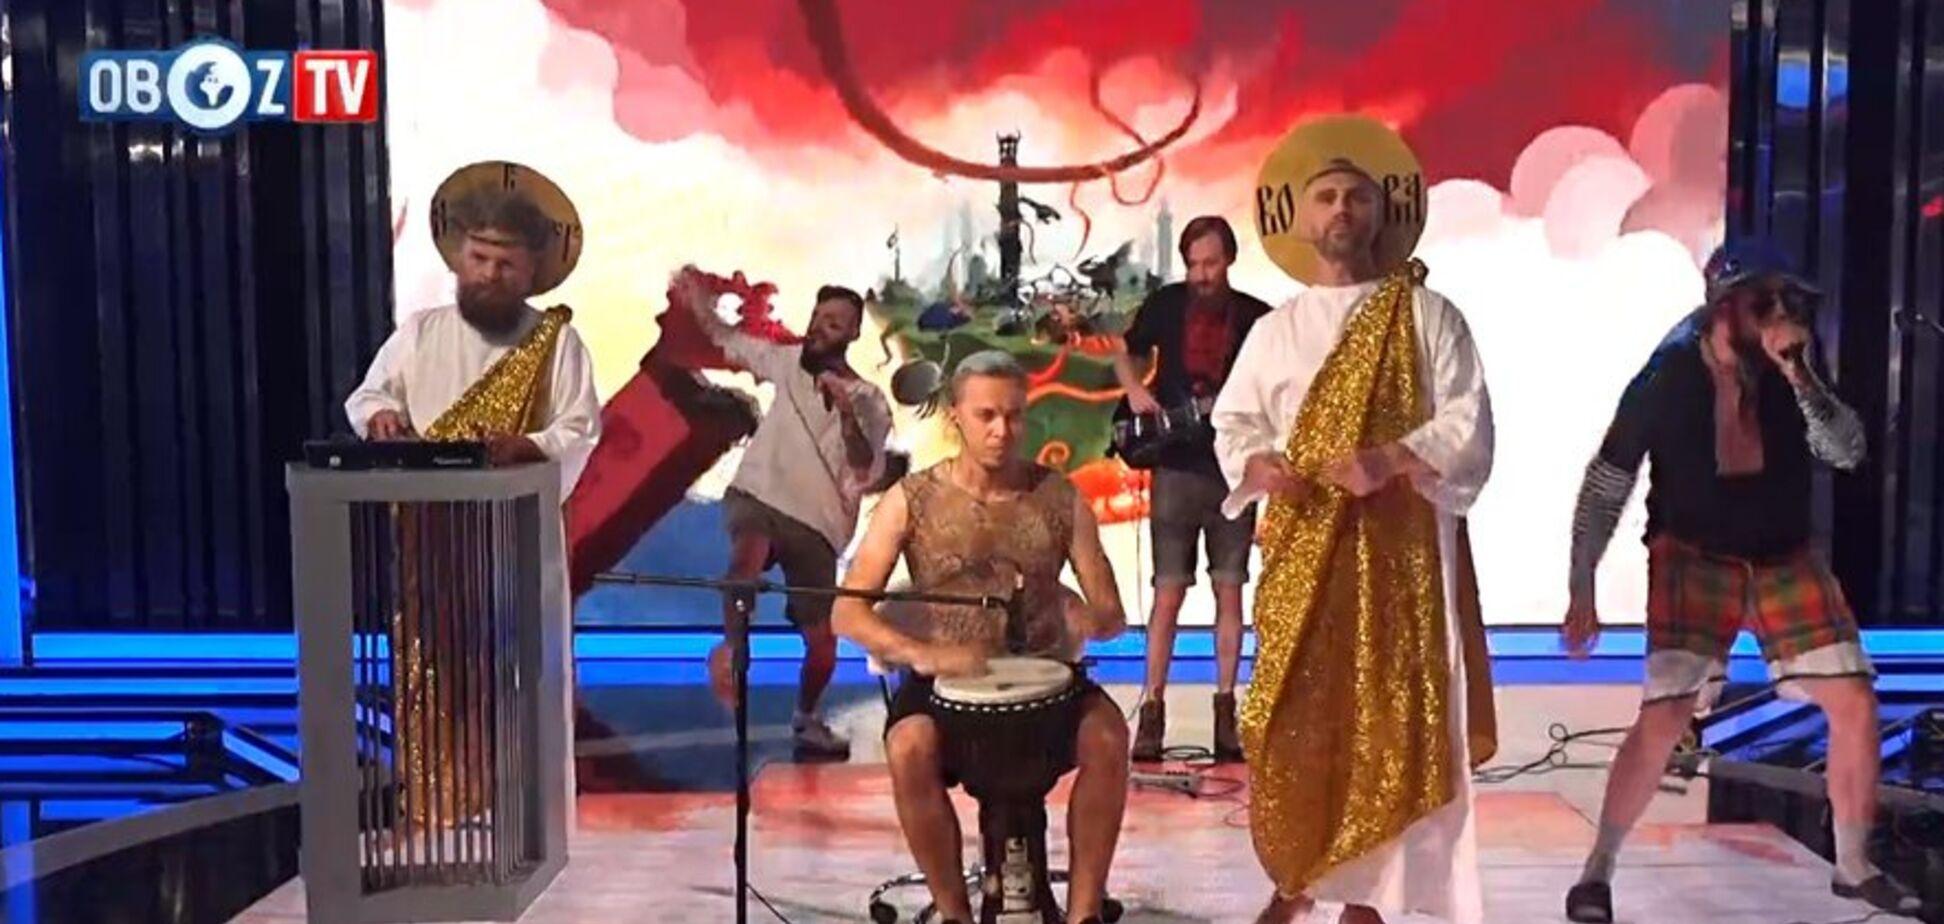 ''Универсальные солдаты''- эпатажная коллаборация музыкантов ко Дню Независимости